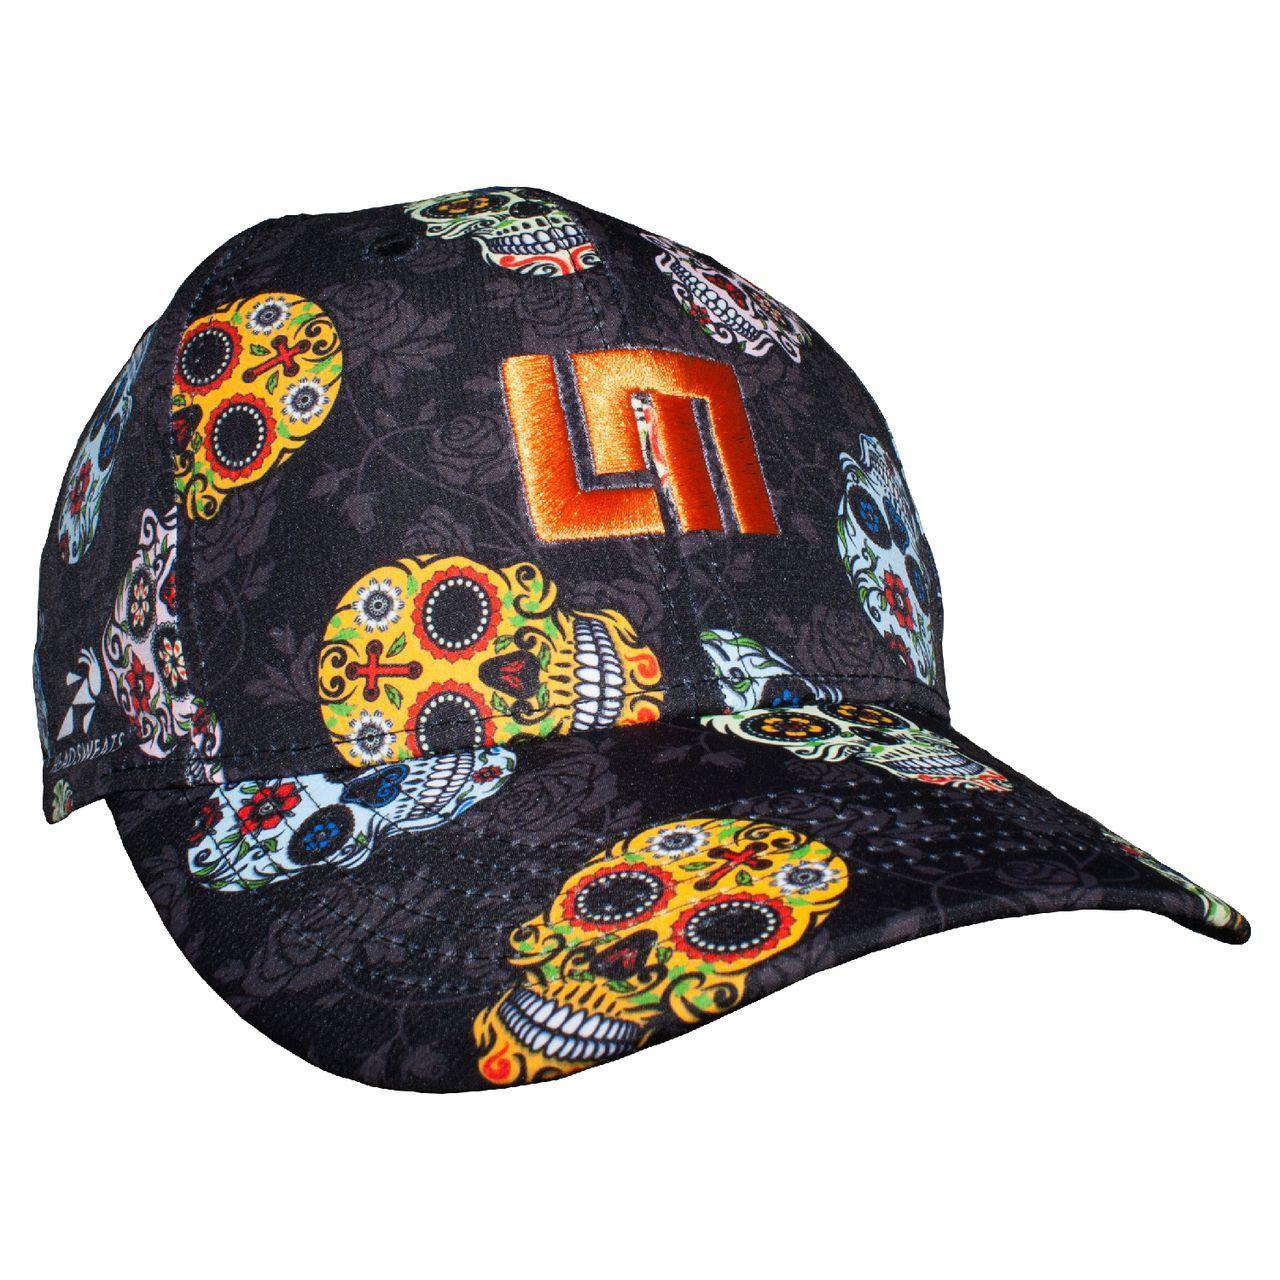 騎跑泳者~LOUDMOUTH 英國高爾夫服飾品牌 休閒 帽